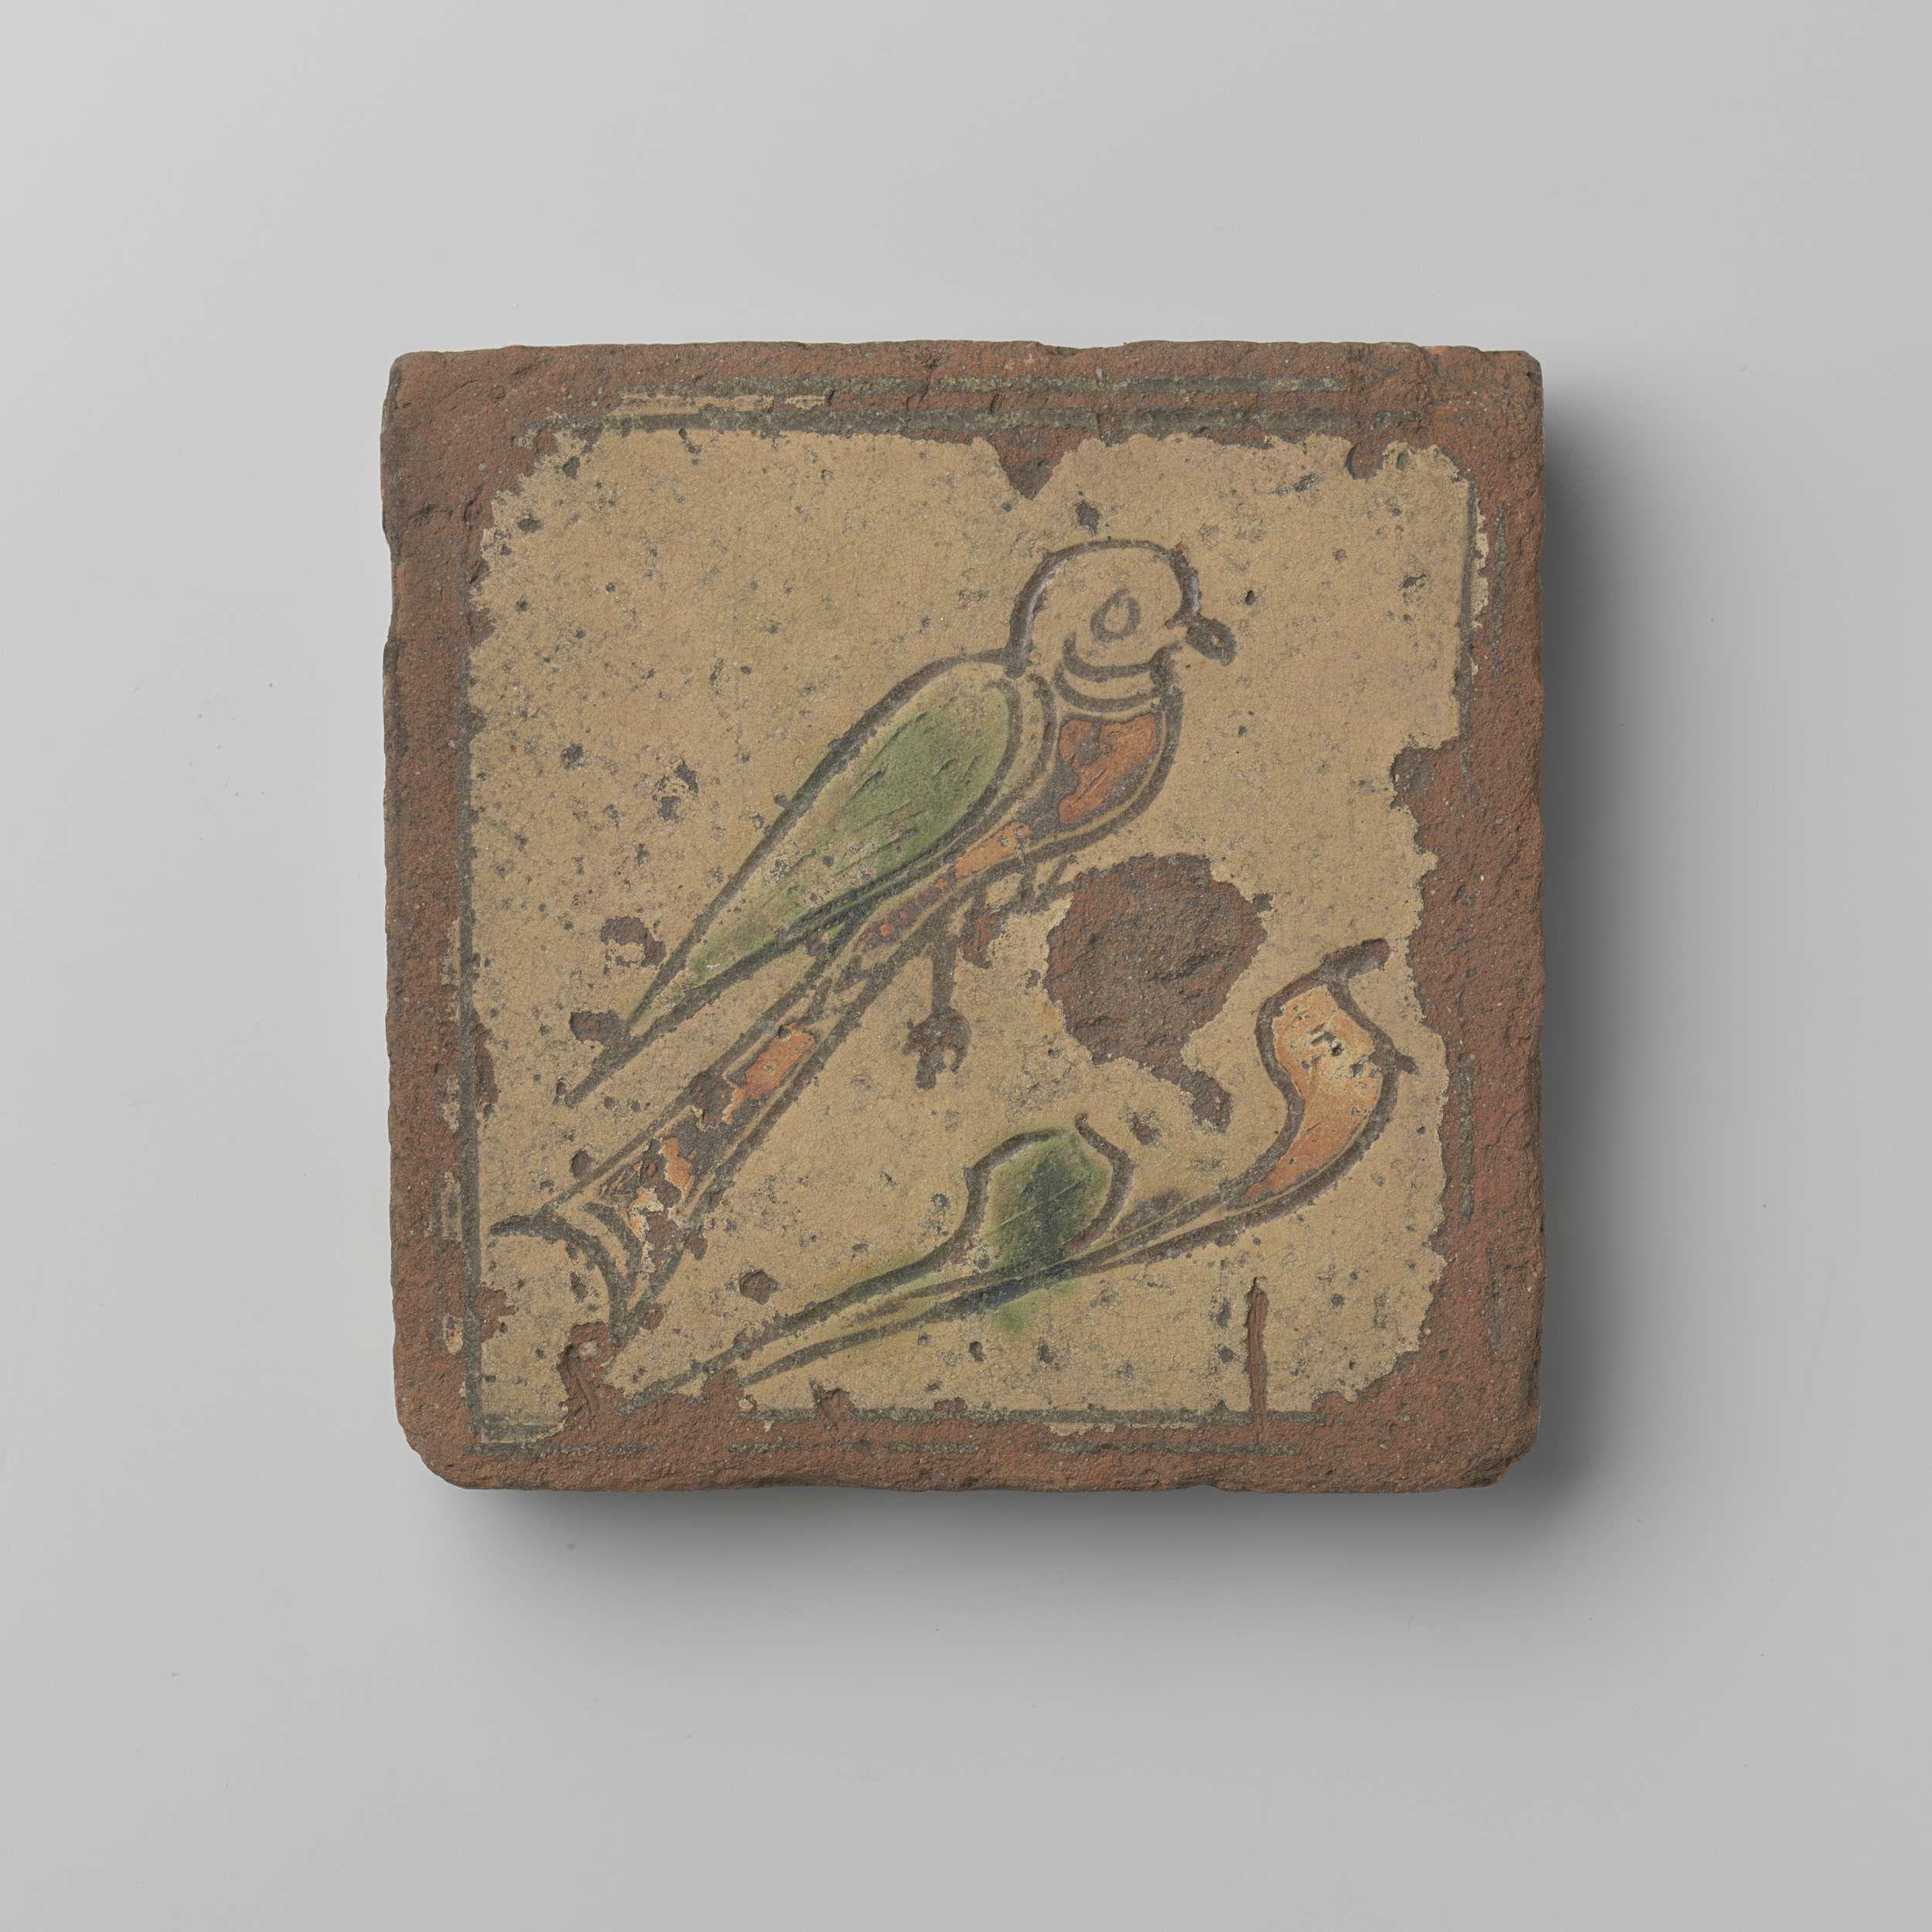 Anonymous | Tegel met duif, Anonymous, c. 1700 - c. 1800 | Tegel versierd met een duif op een tak.